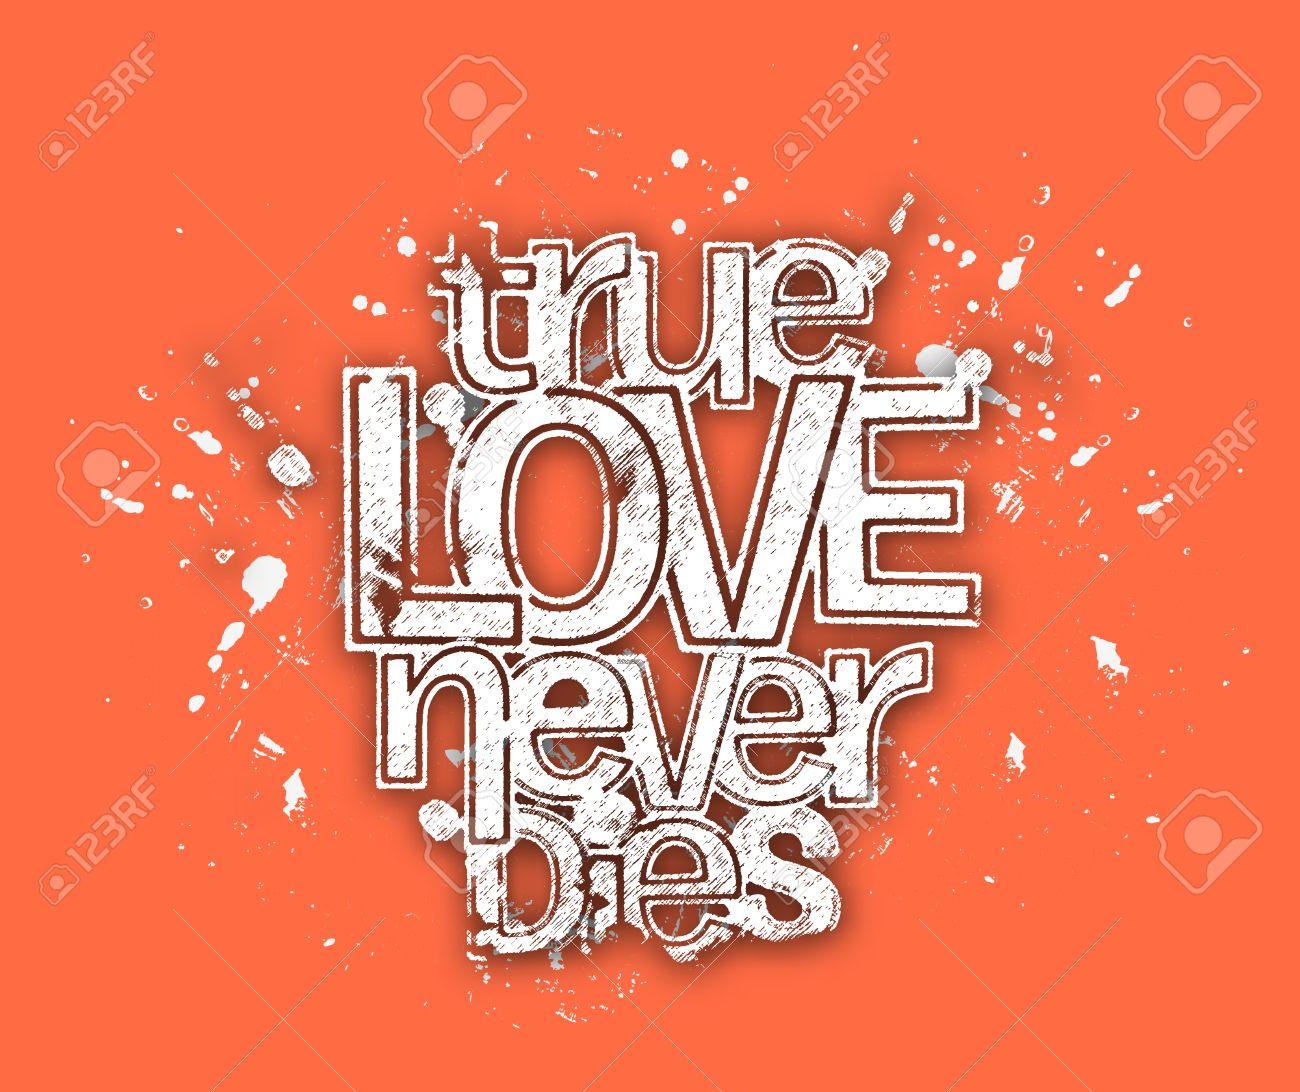 True Love Never Dies Texte En Peinture Splash élément De Dessin